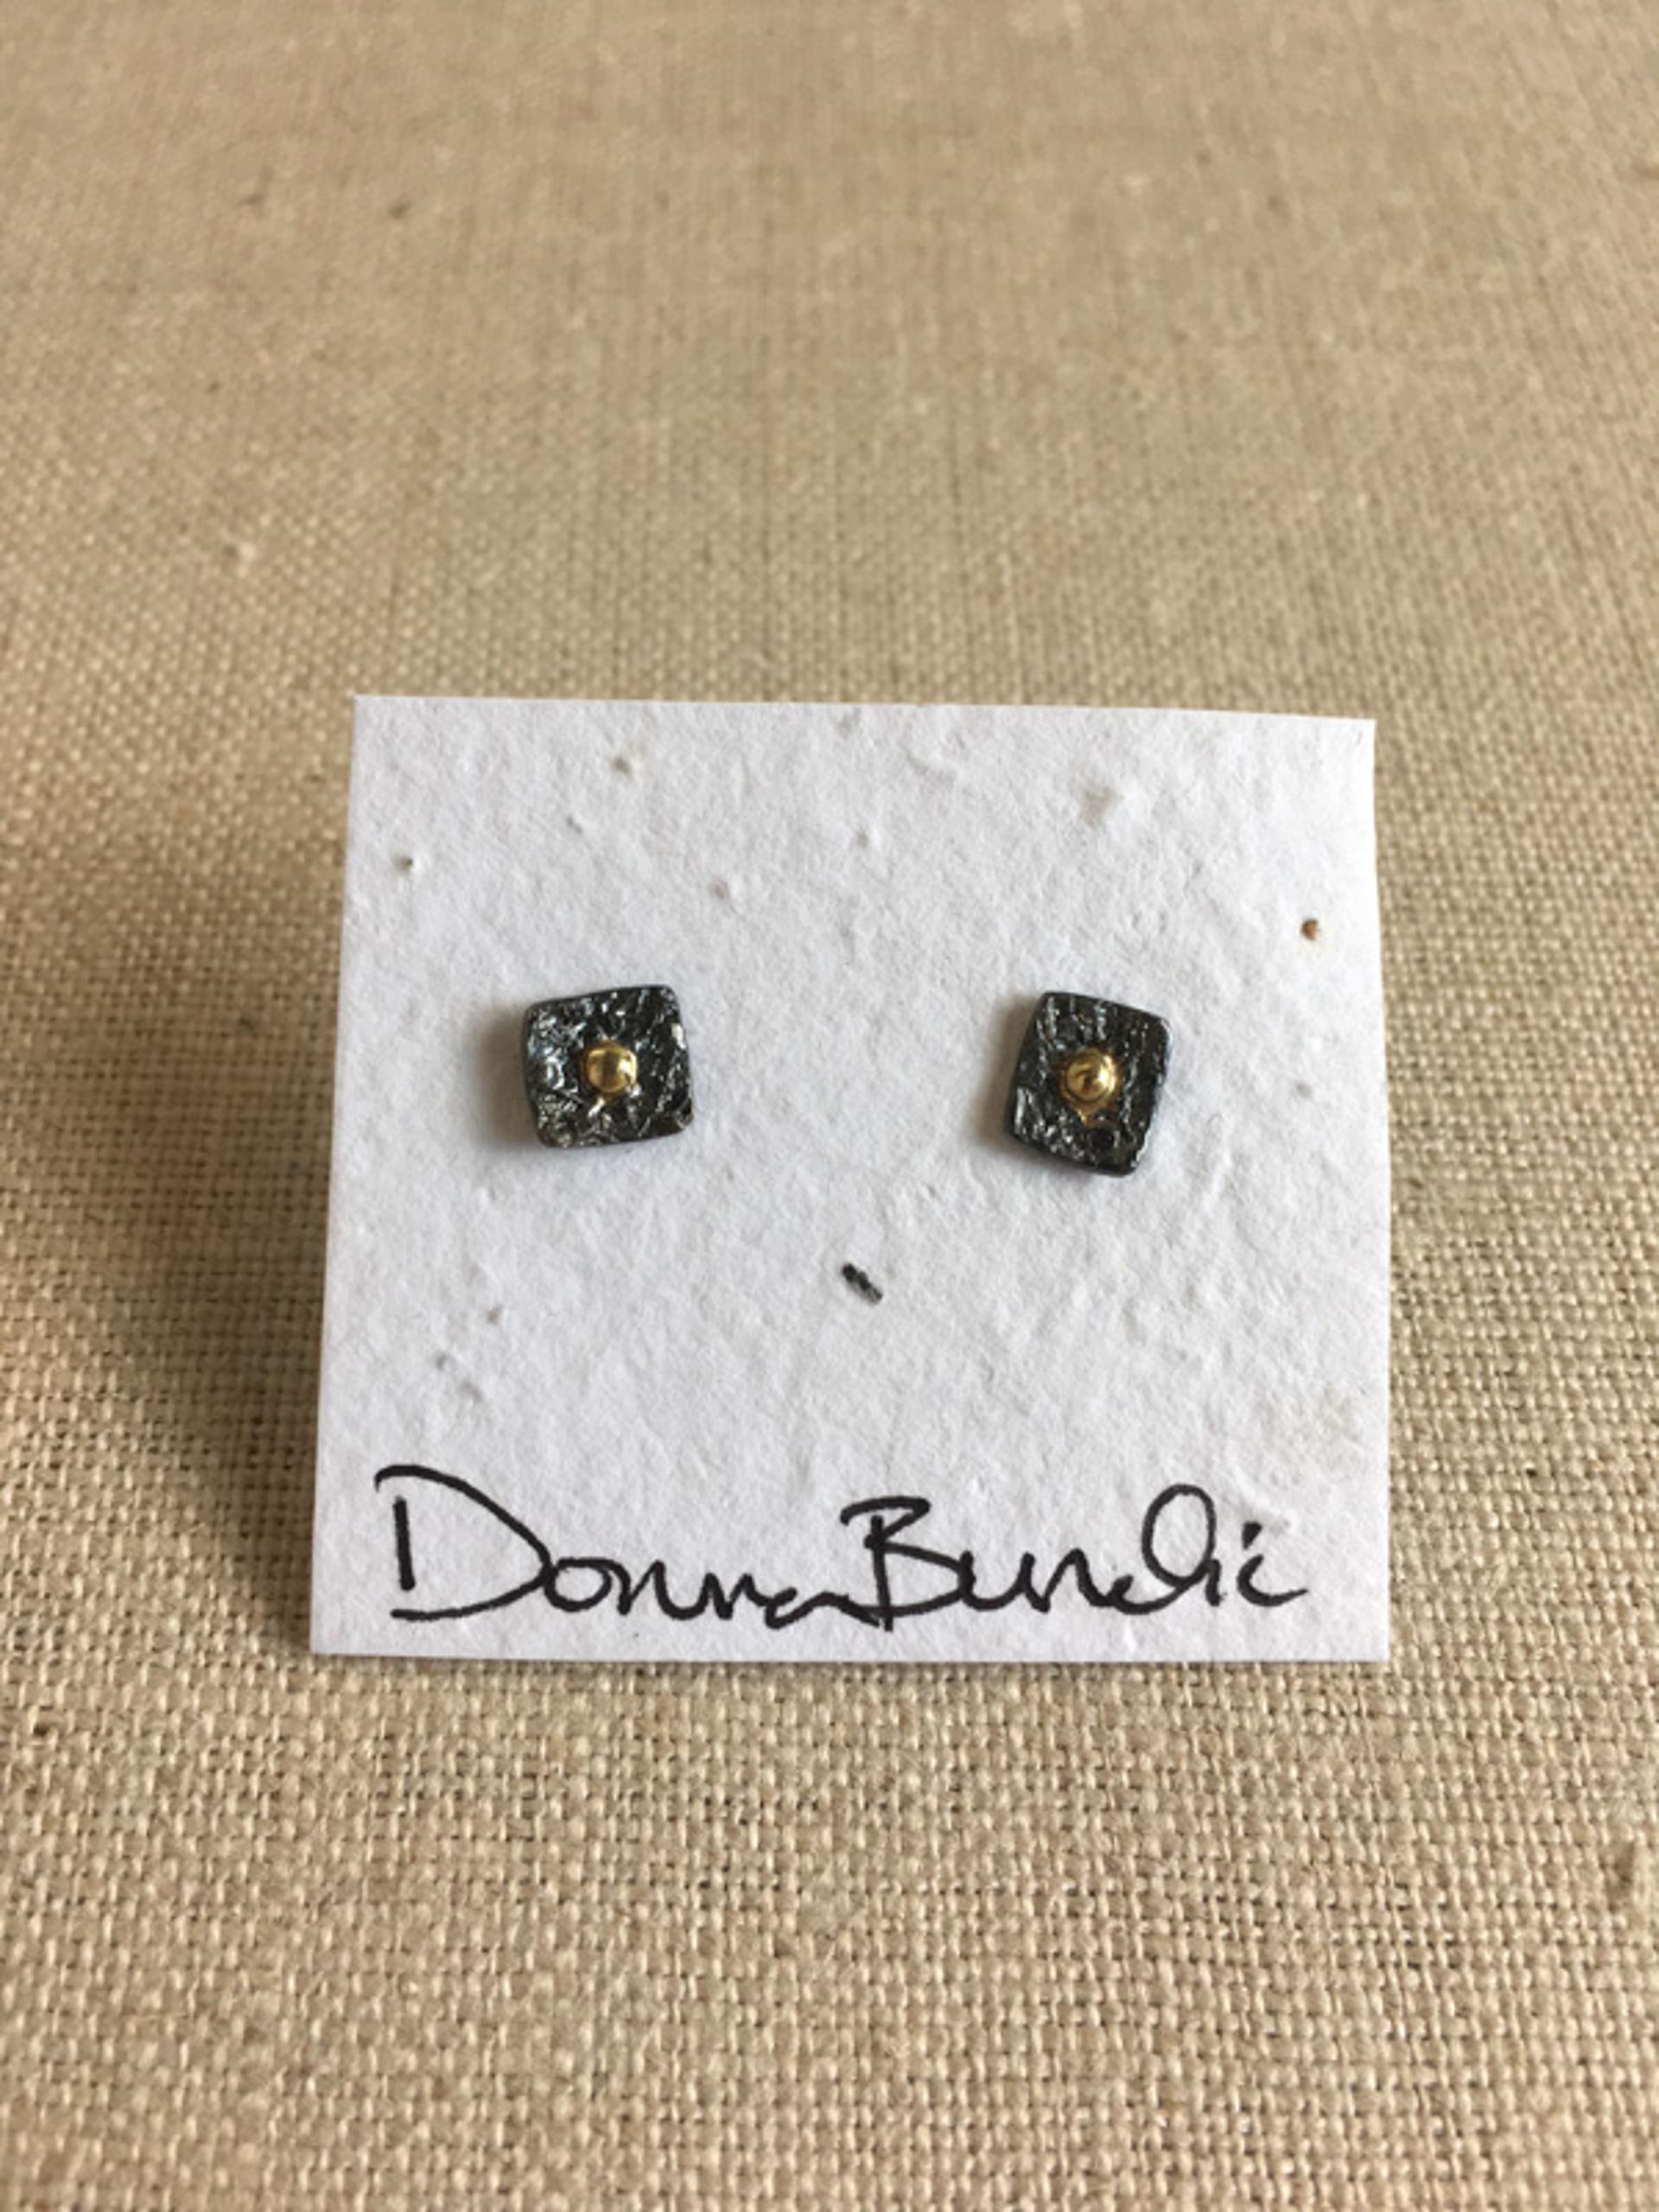 1386-7 Earrings by Donna Burdic